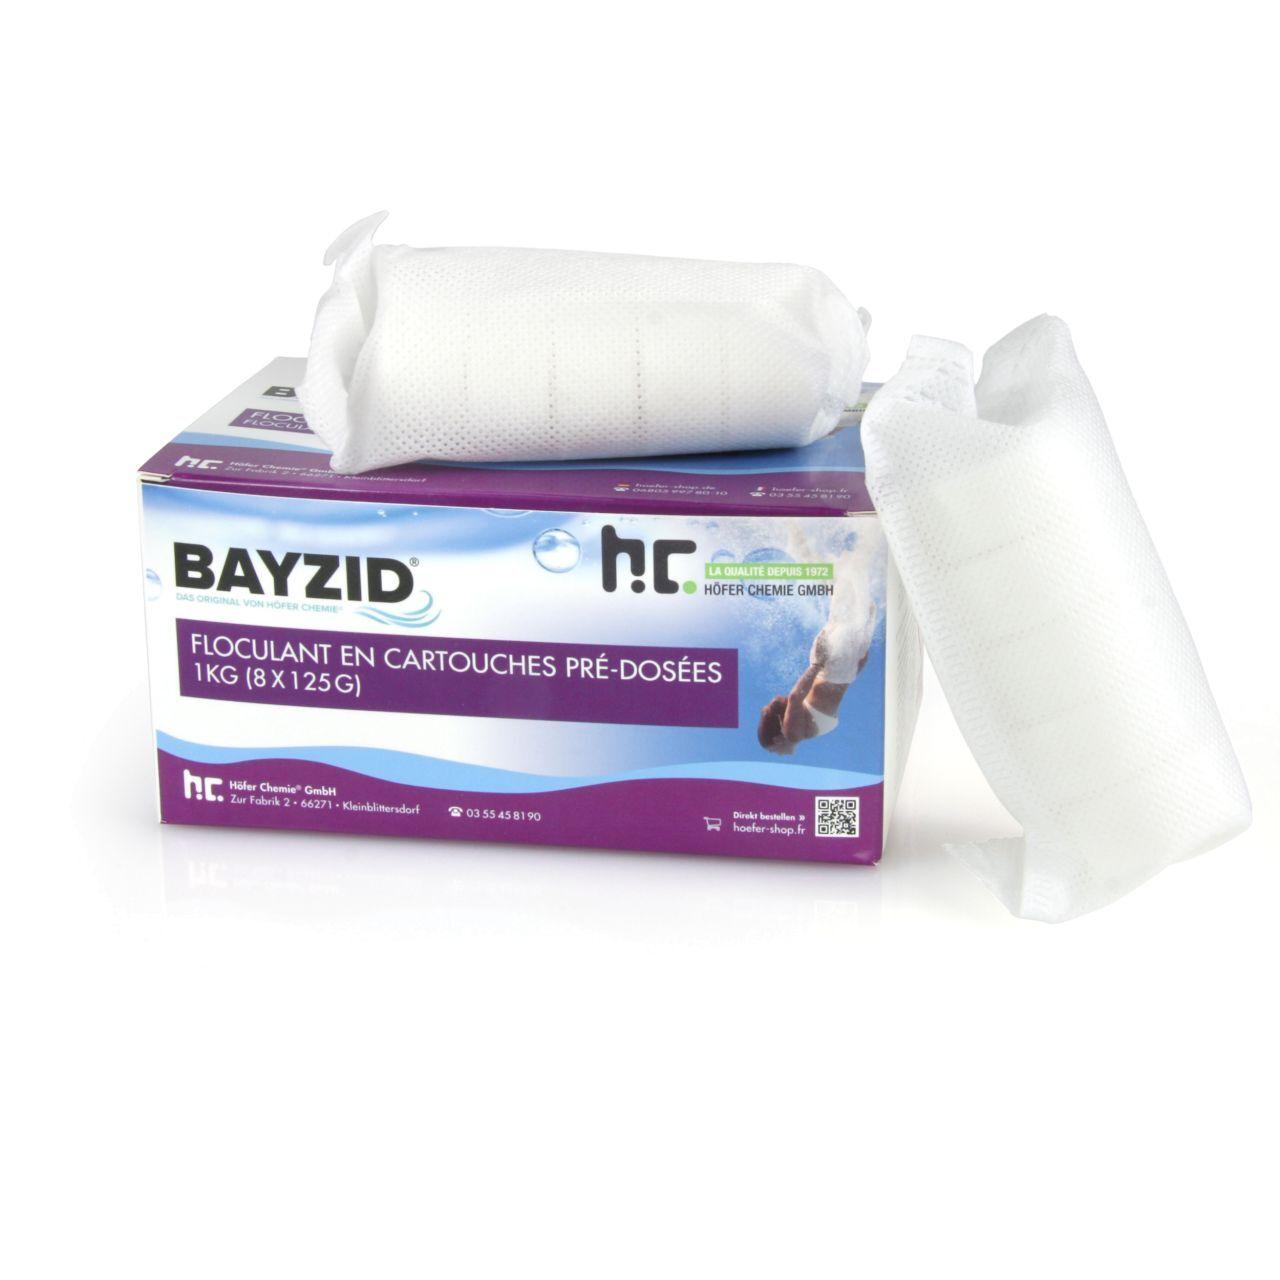 BAYZID 1 kg BAYZID® Cartouches de floculant pré-dosées (8x 125g) (1 x 1 kg)